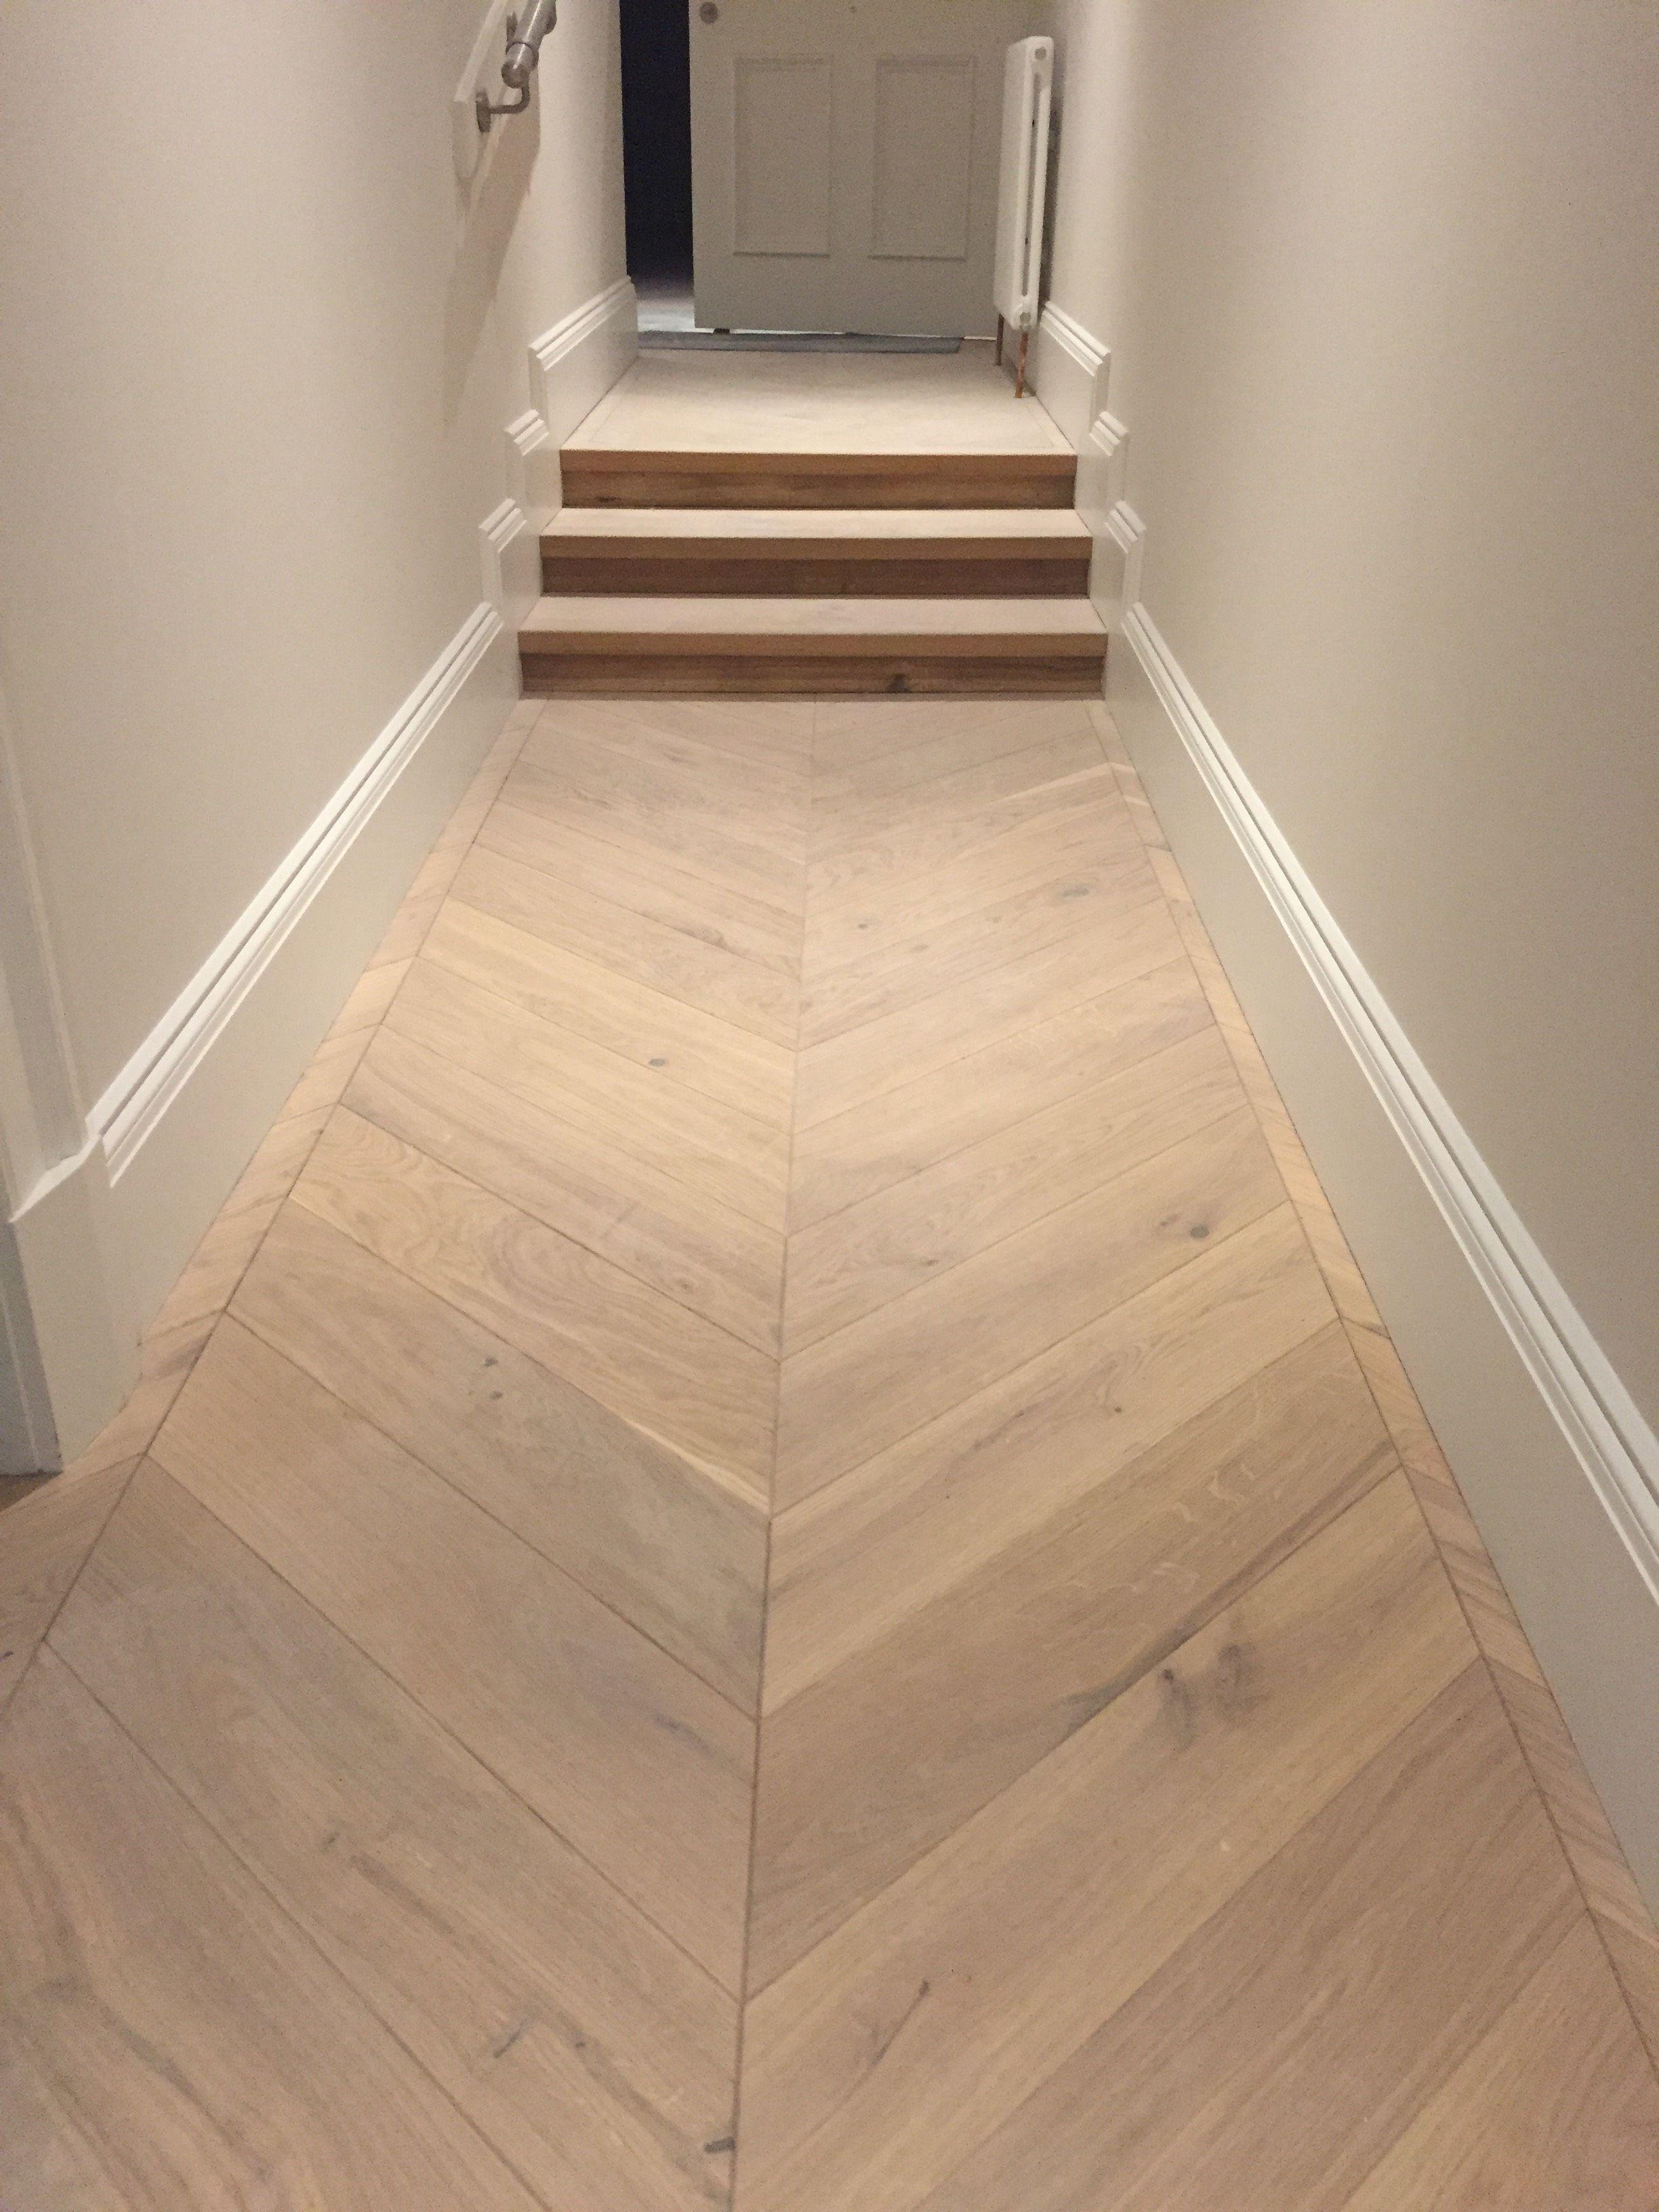 Engineered Oak Chevron Parquet Flooring in hallway, wide